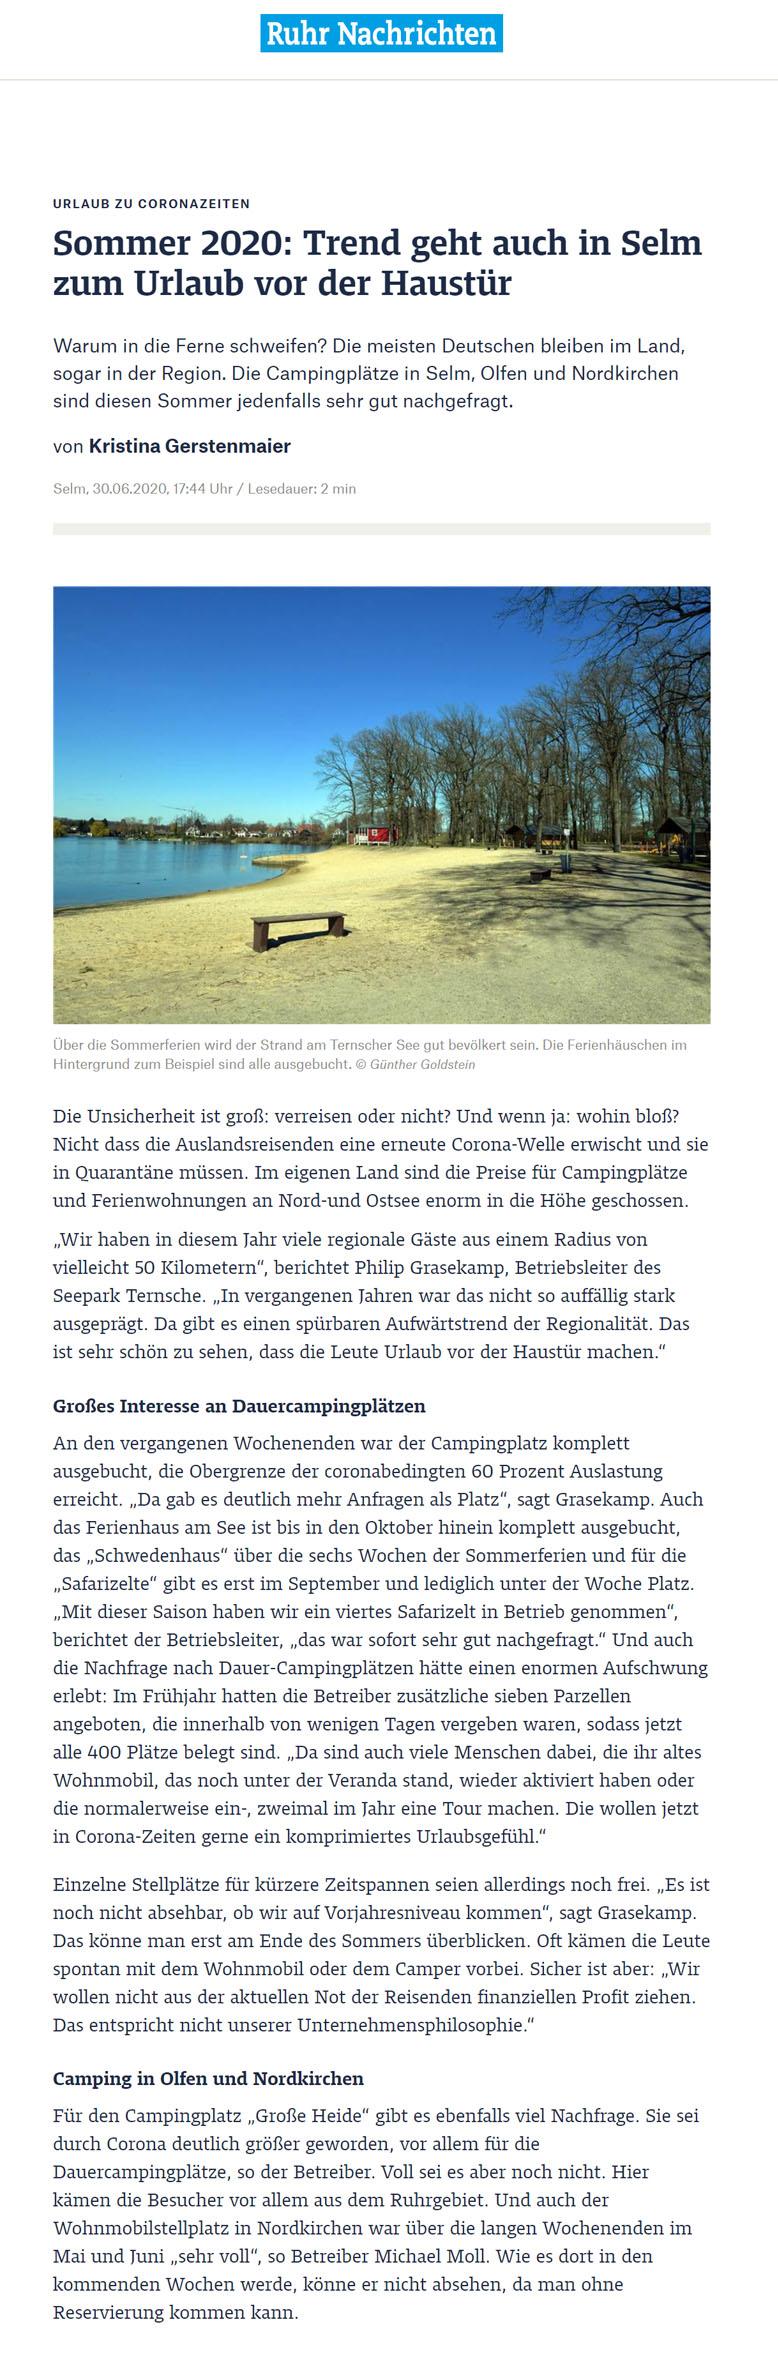 2020-06-30 Ruhrnachrichten